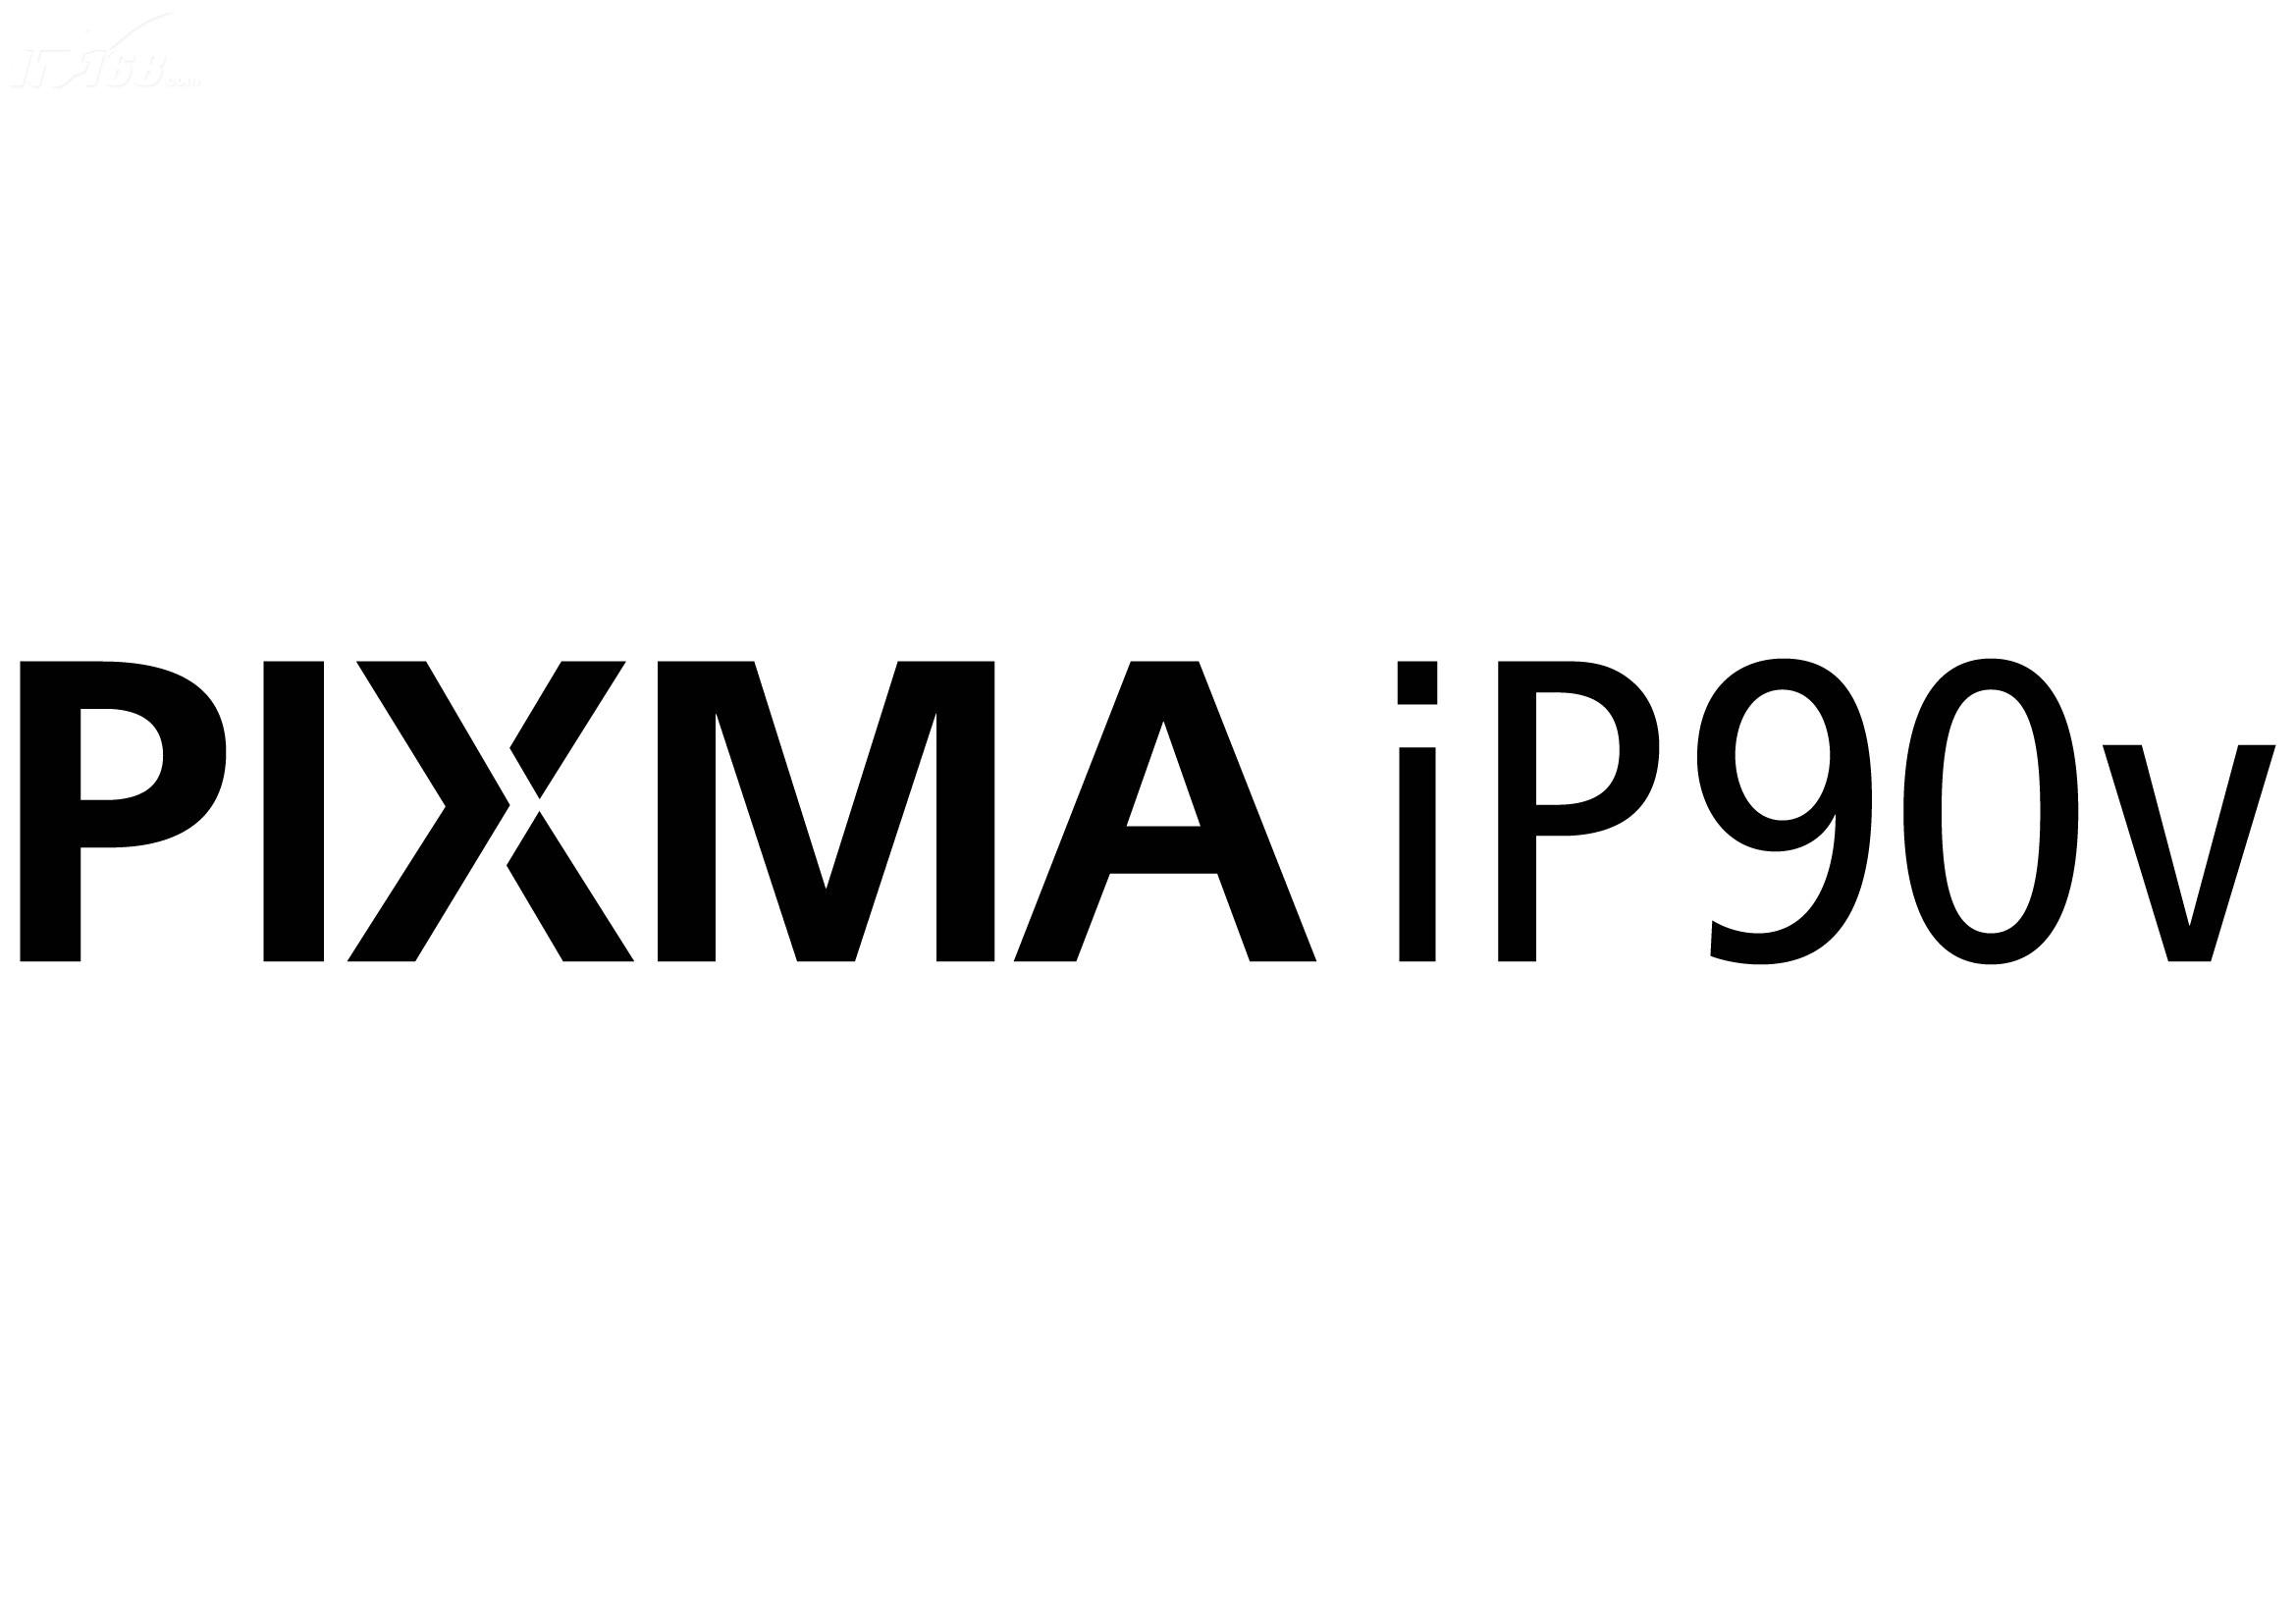 logo logo 标志 设计 矢量 矢量图 素材 图标 2339_1654